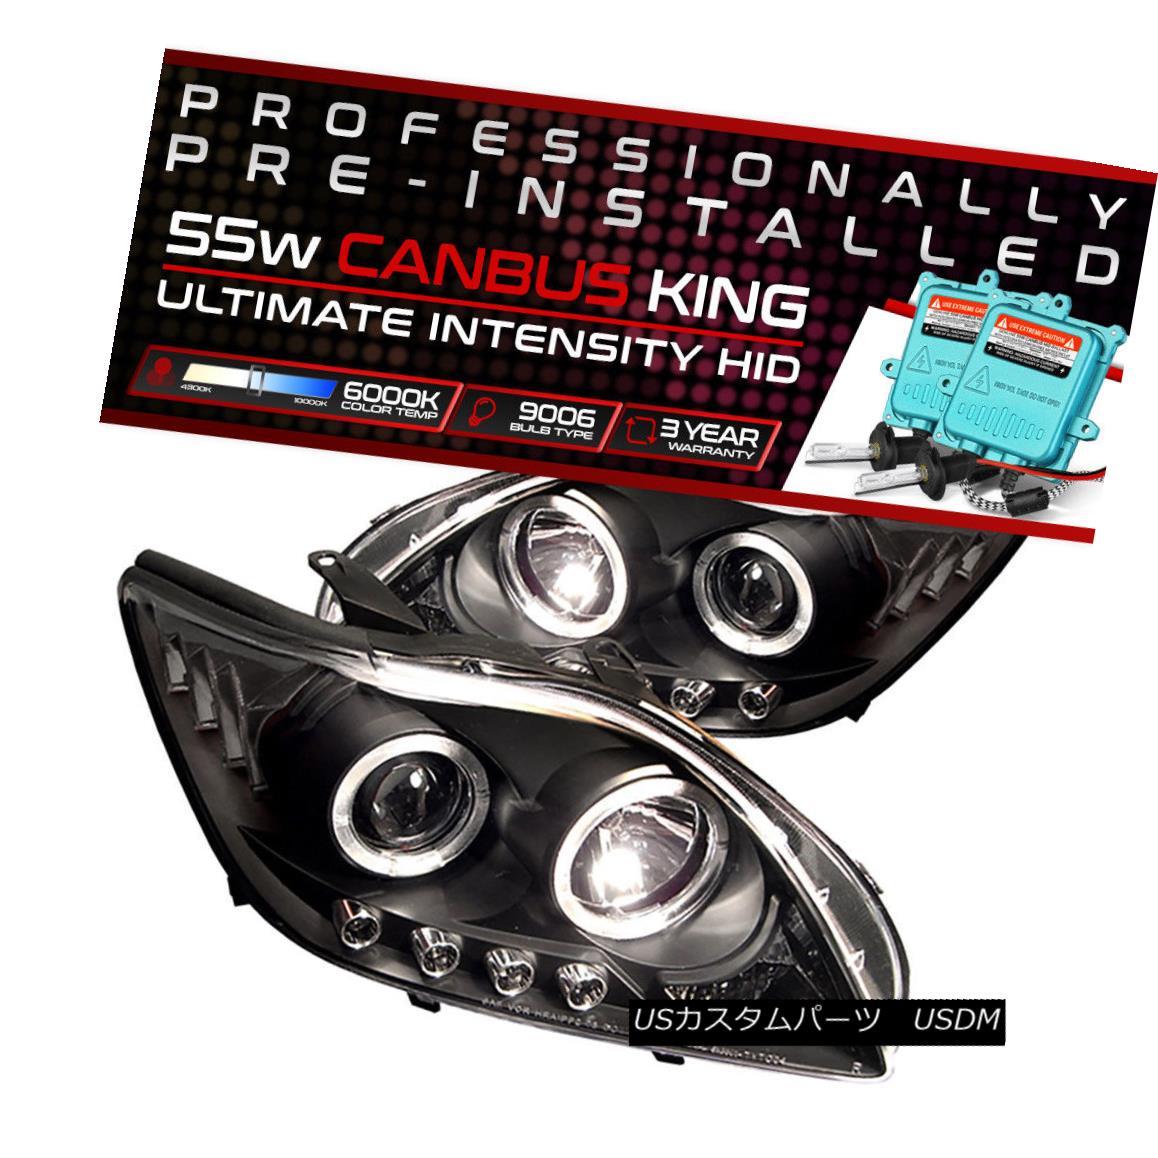 ヘッドライト !55W HID Built-In! 05-07 Scion tC Black Dual Halo Angel Eye Projector Headlight !55W HID内蔵! 05-07シオンtCブラックデュアルヘイローエンジェルアイプロジェクターヘッドライト